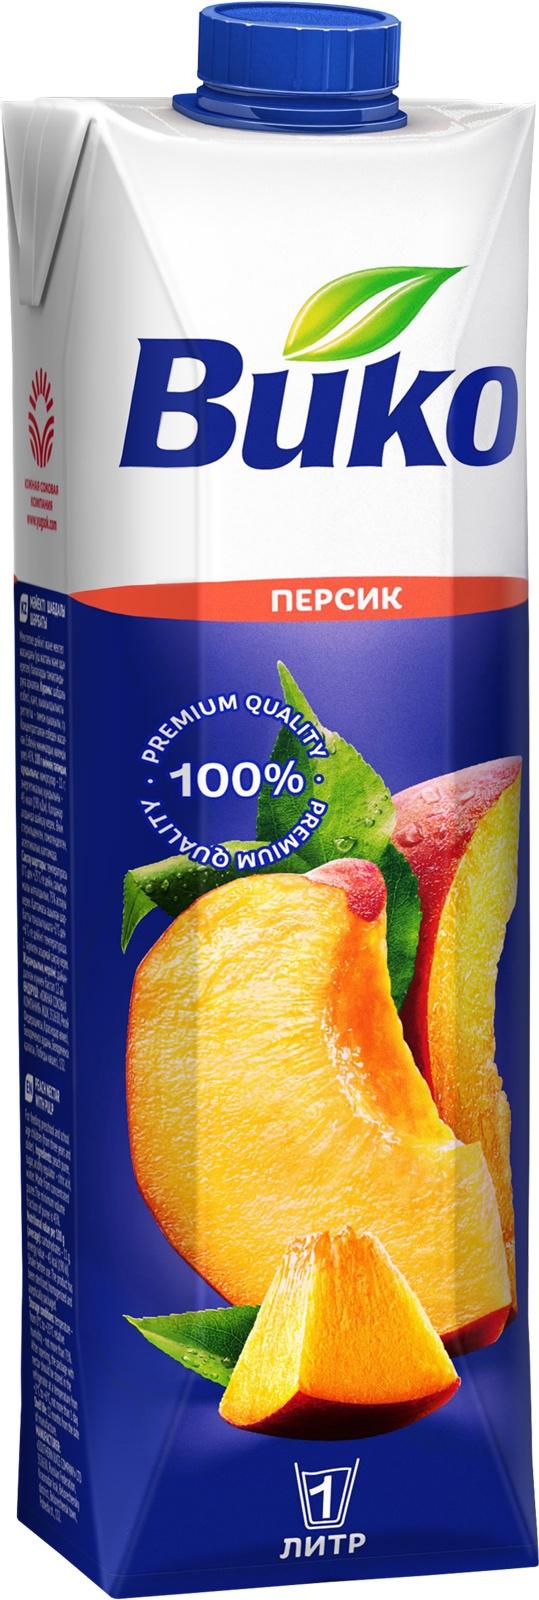 Нектар Вико персиковый с мякотью 1 л менк персиковый нектар 1 л